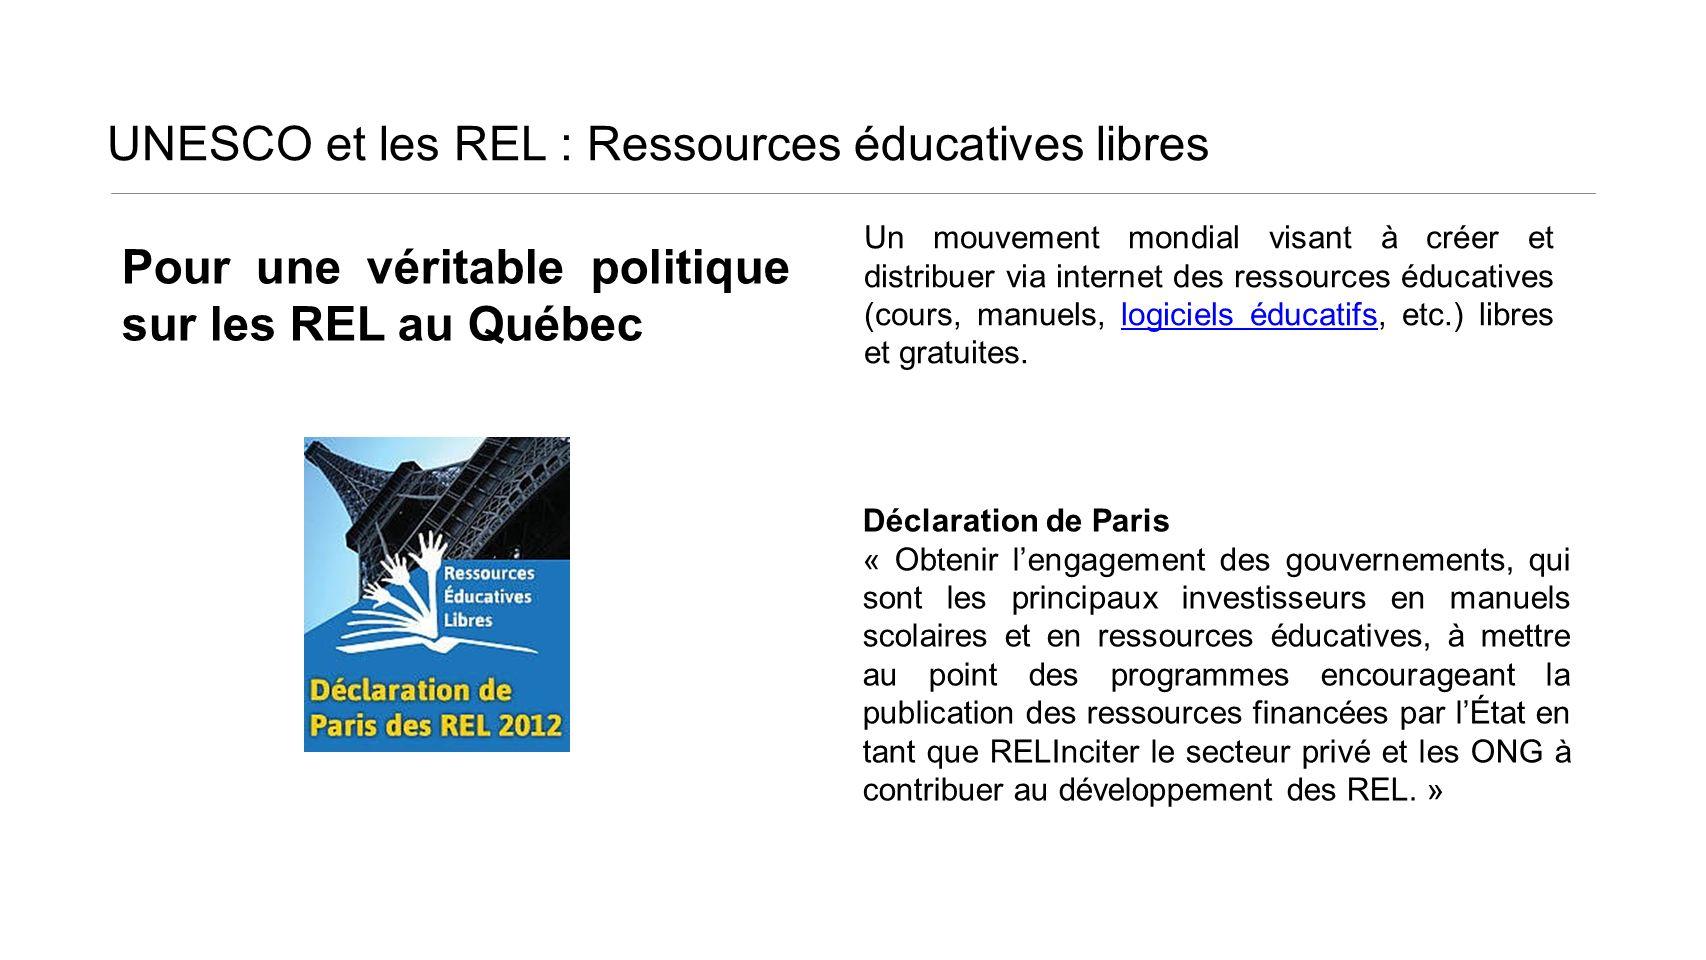 UNESCO et les REL : Ressources éducatives libres